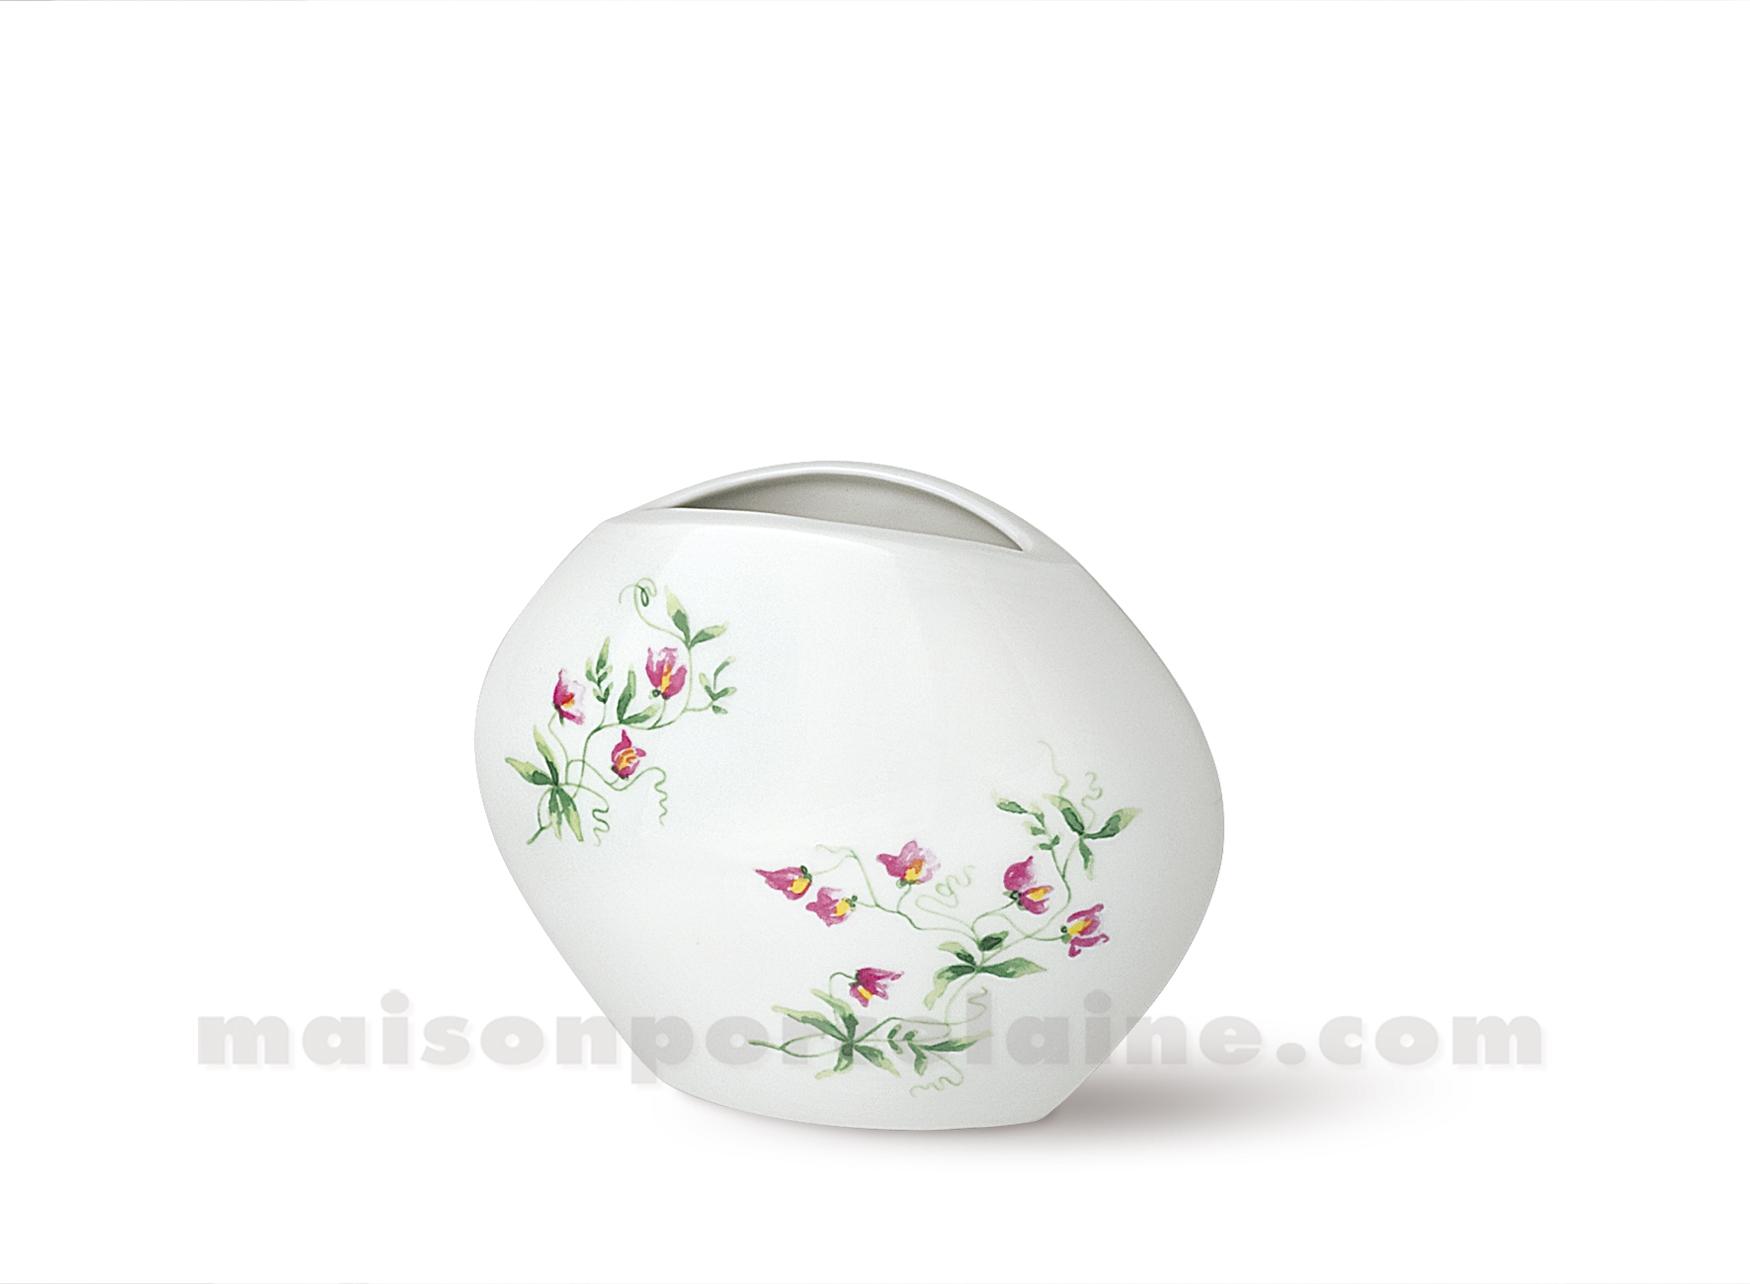 Vase limoges manathan 12x15 maison de la porcelaine for Ma maison limoges